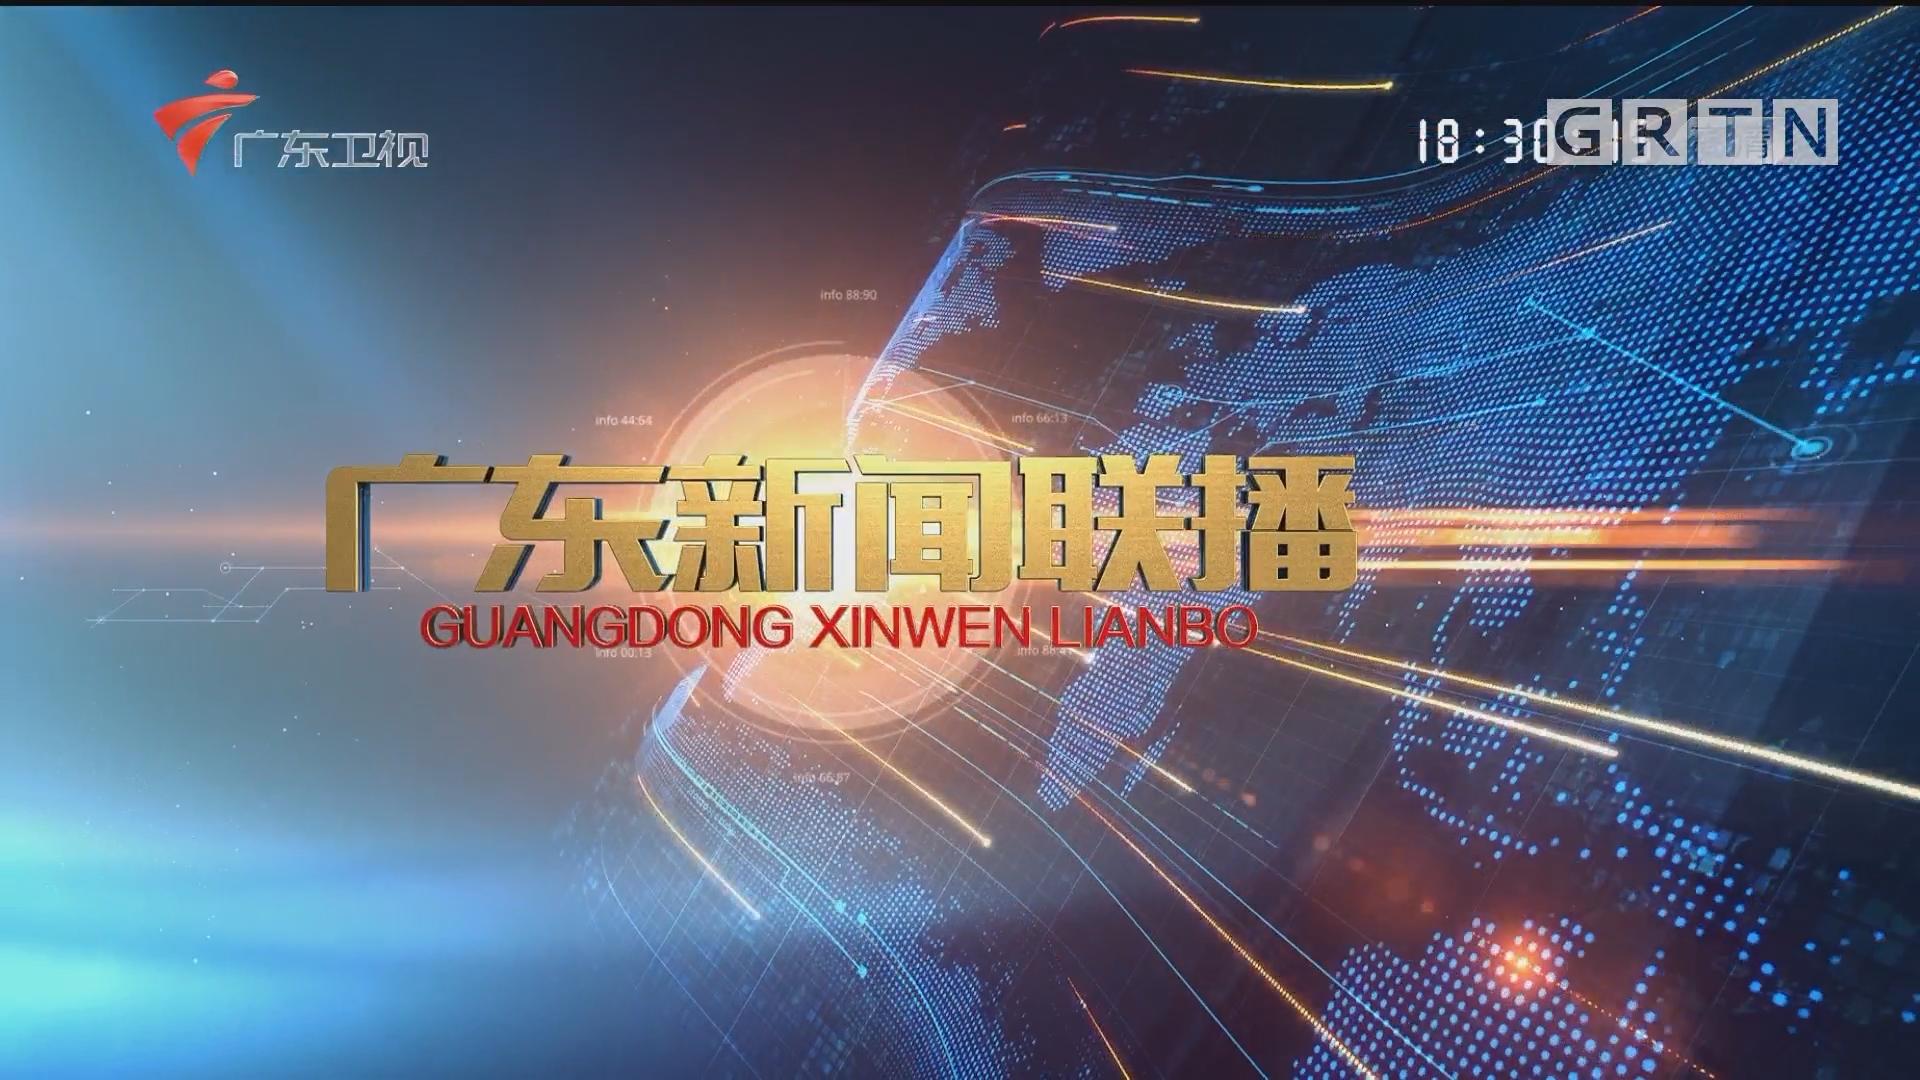 [HD][2017-08-31]广东新闻联播:中共中央政治局会议建议:中共十九大10月18日在京召开